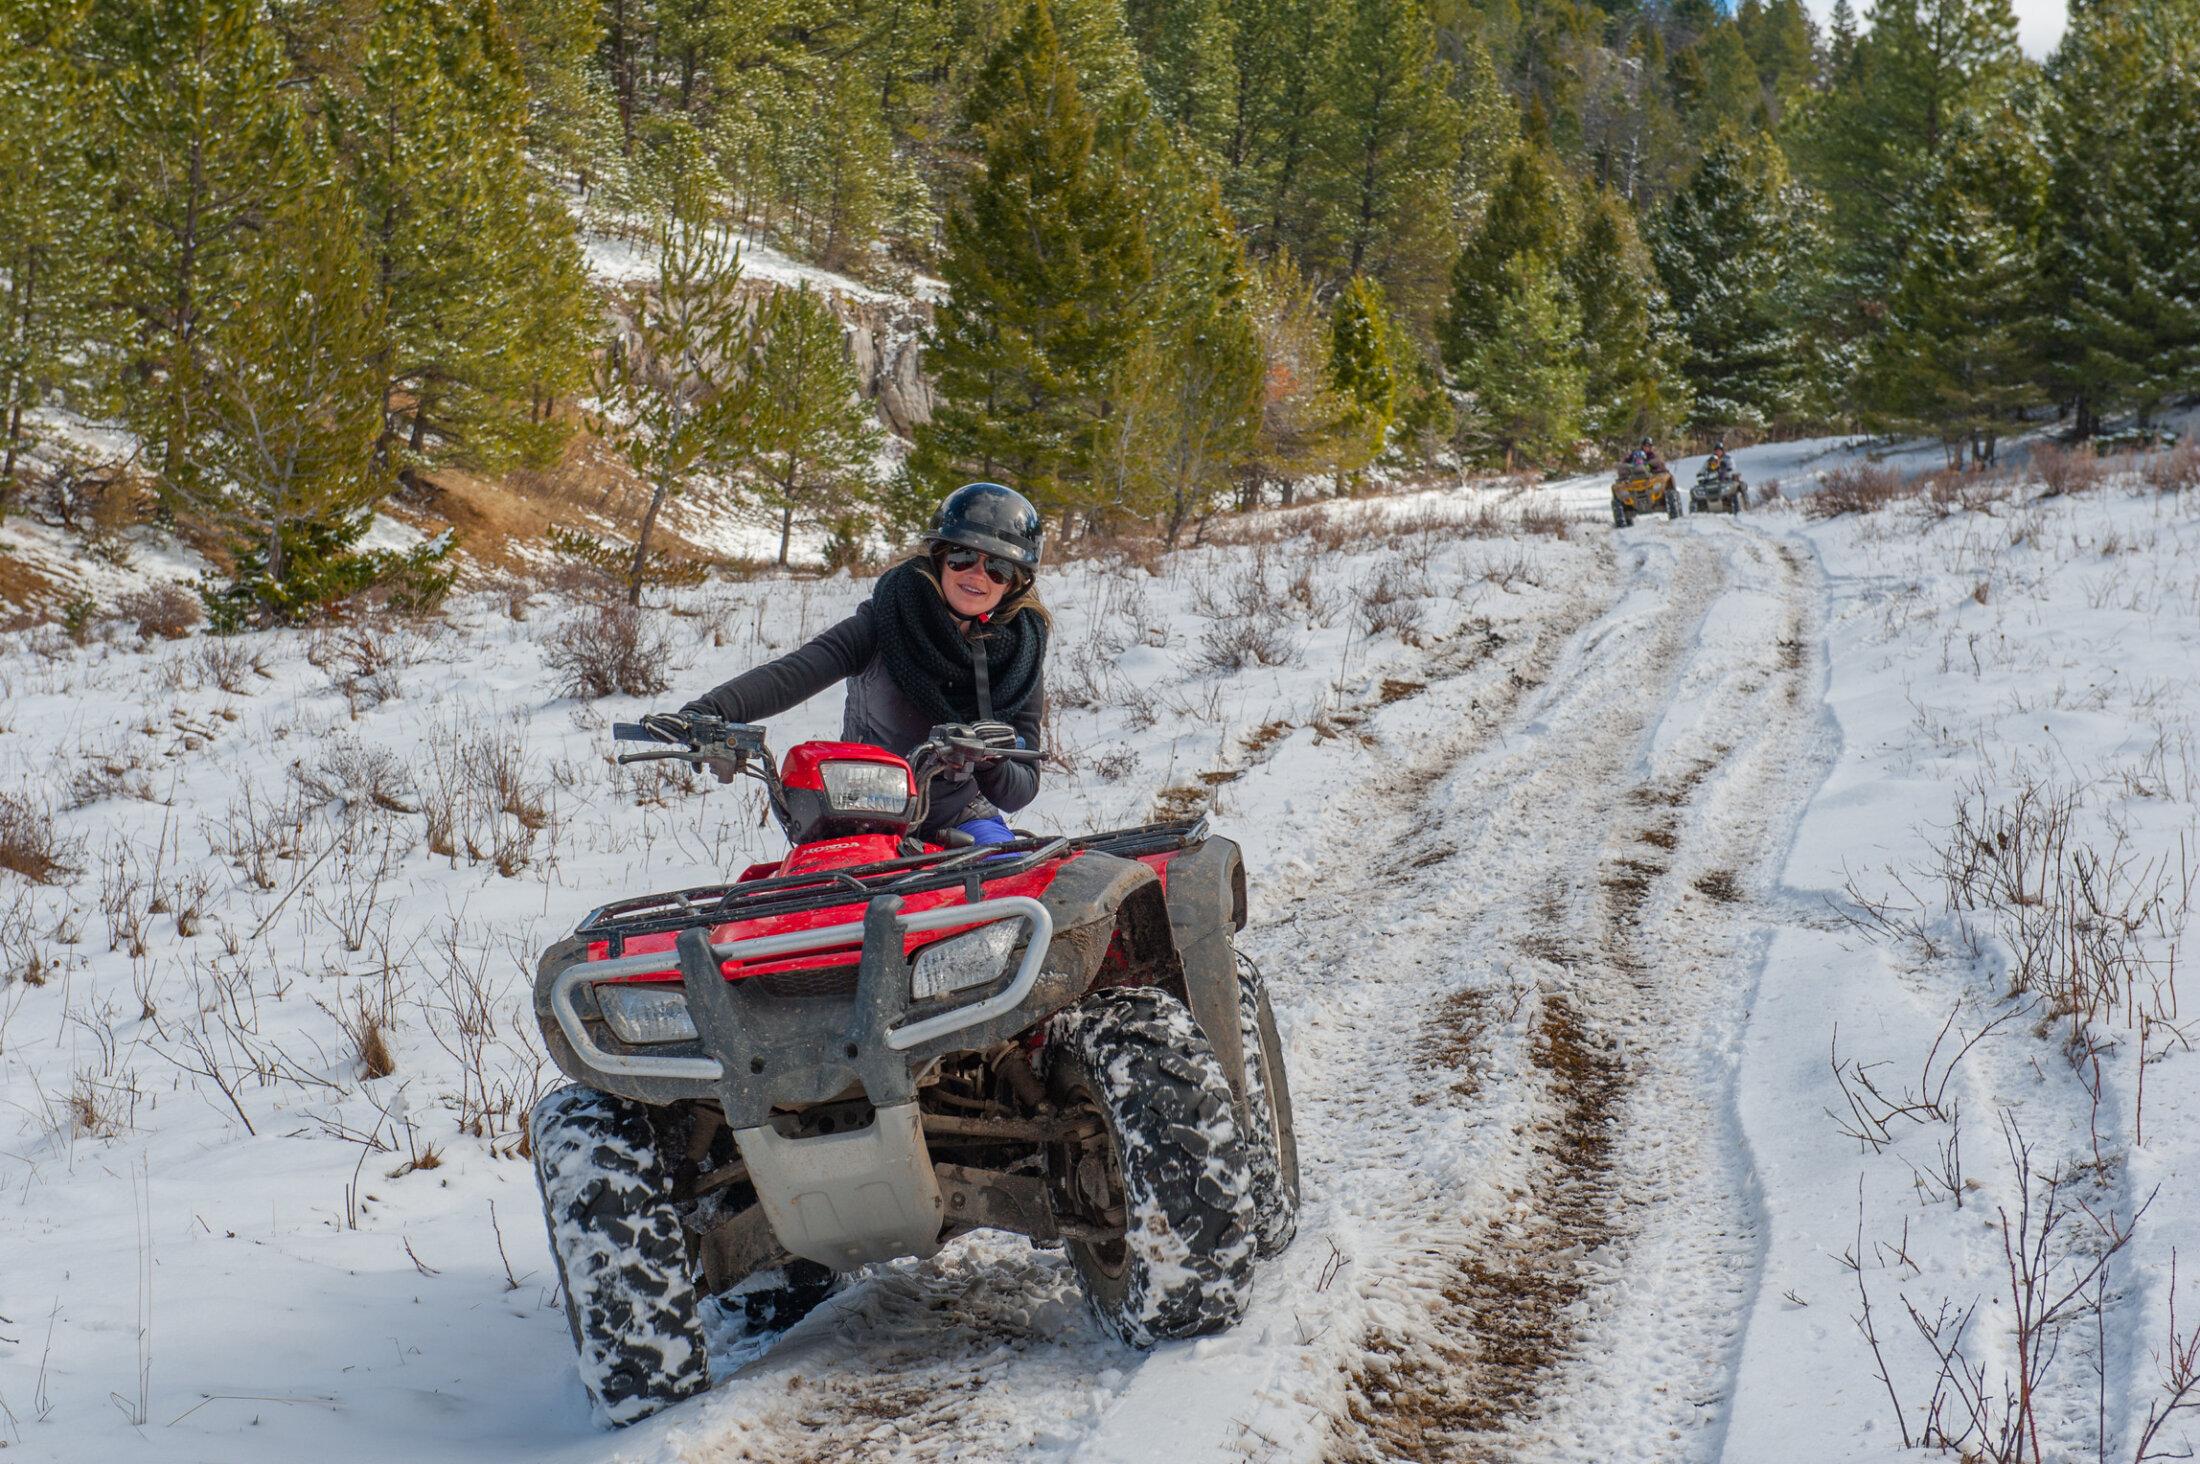 Winter ATVs